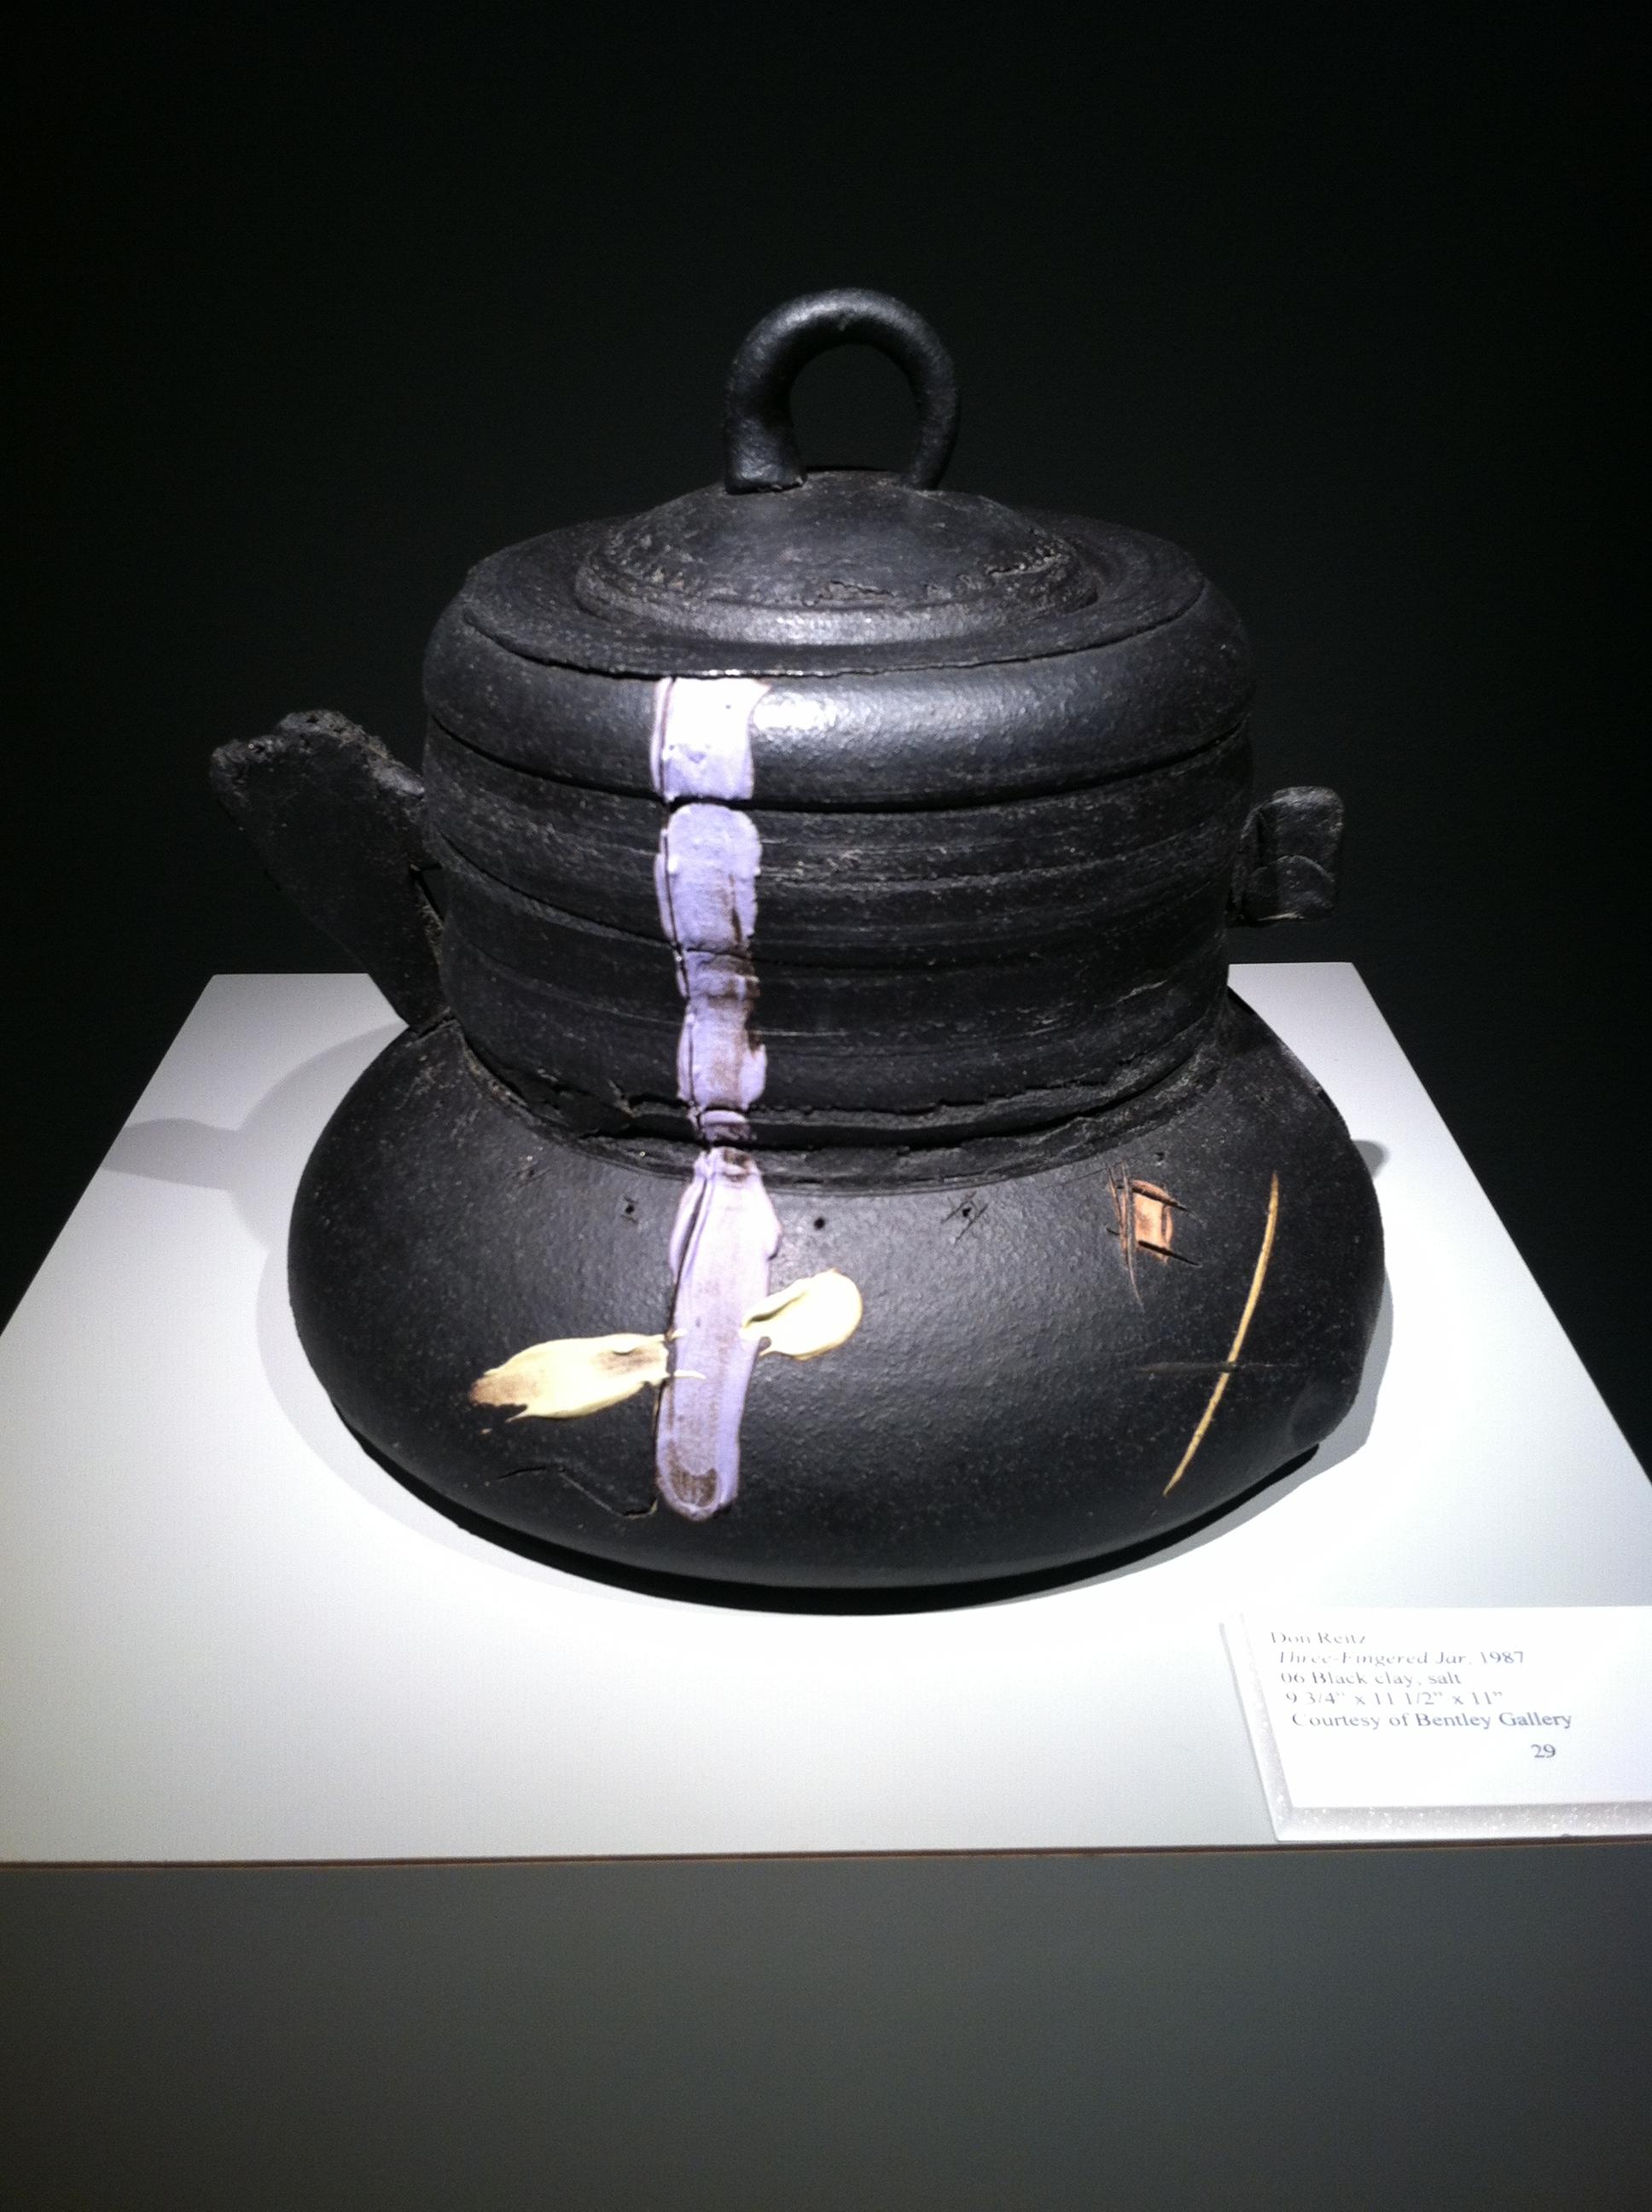 Three-Fingered Jar, 1987